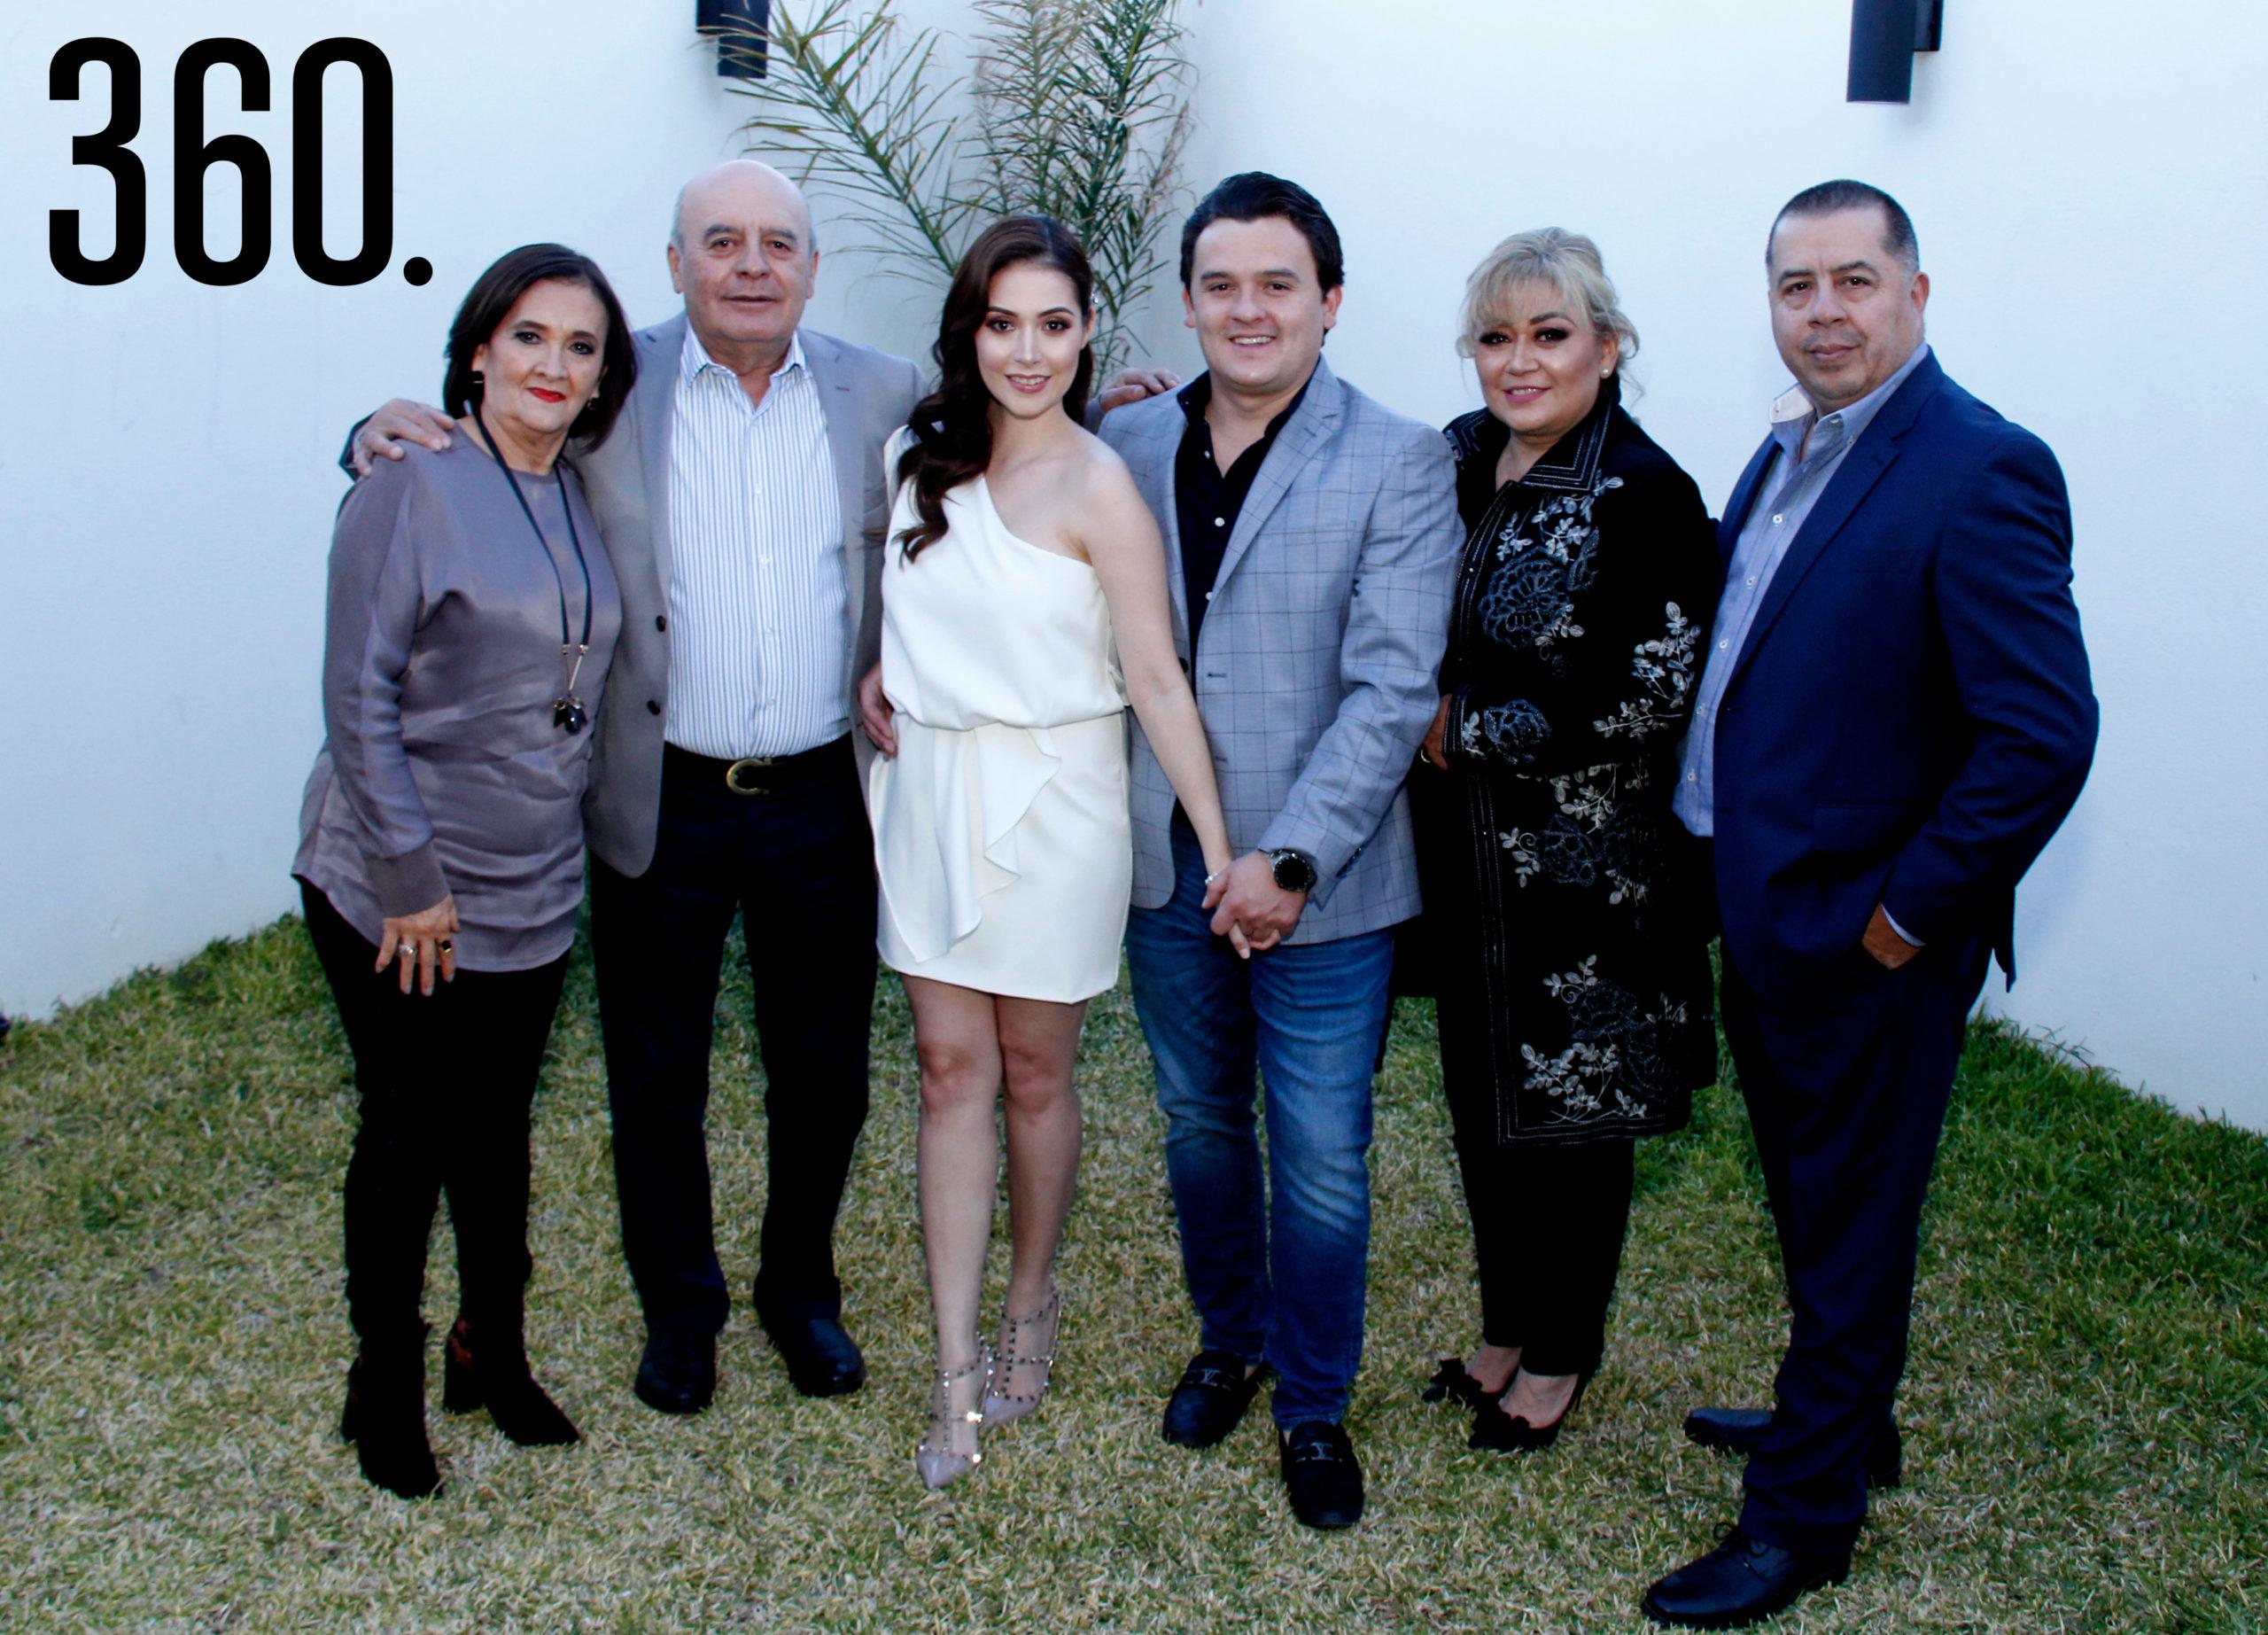 Melanie y Jesús Francisco con sus padres, Luis Vicente Ballinas Cruz, Patricia Ibarra González, María Angélica Valdez Narro y Jesús Francisco Ramírez Sánchez.